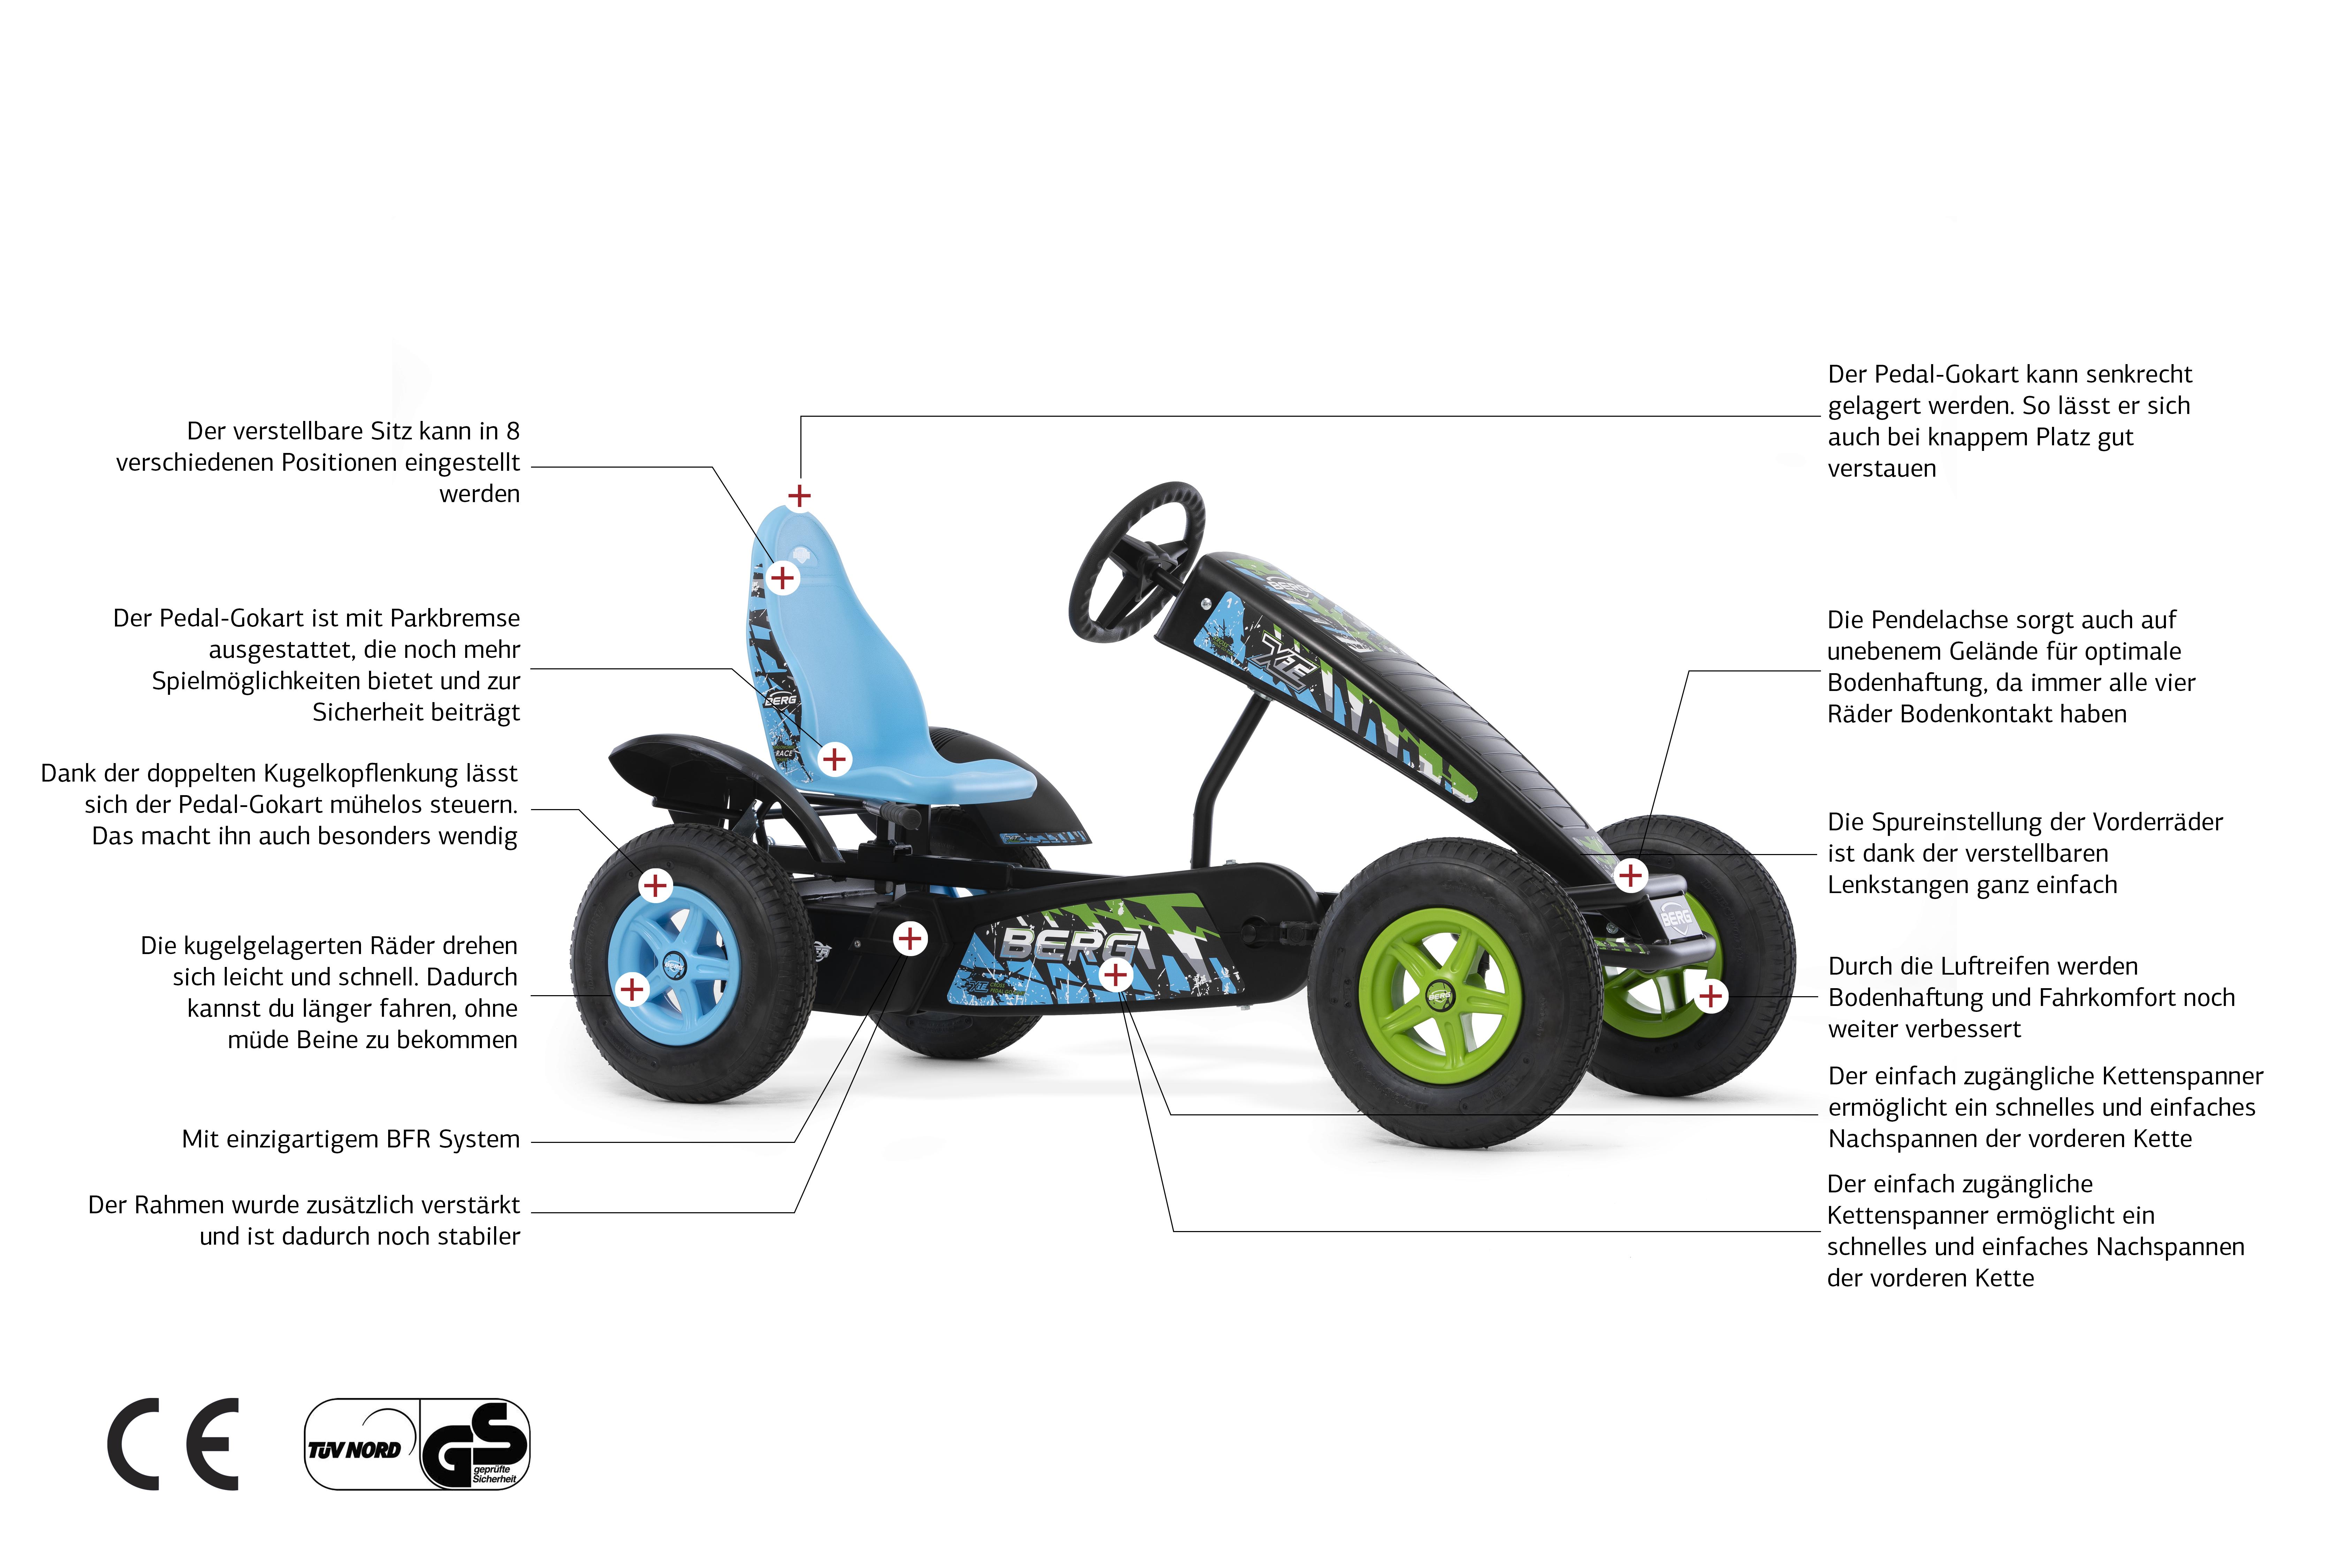 BERG X-ite – aufregend im Design + Technik - Beratung gokart-profi.de 09188-9999001